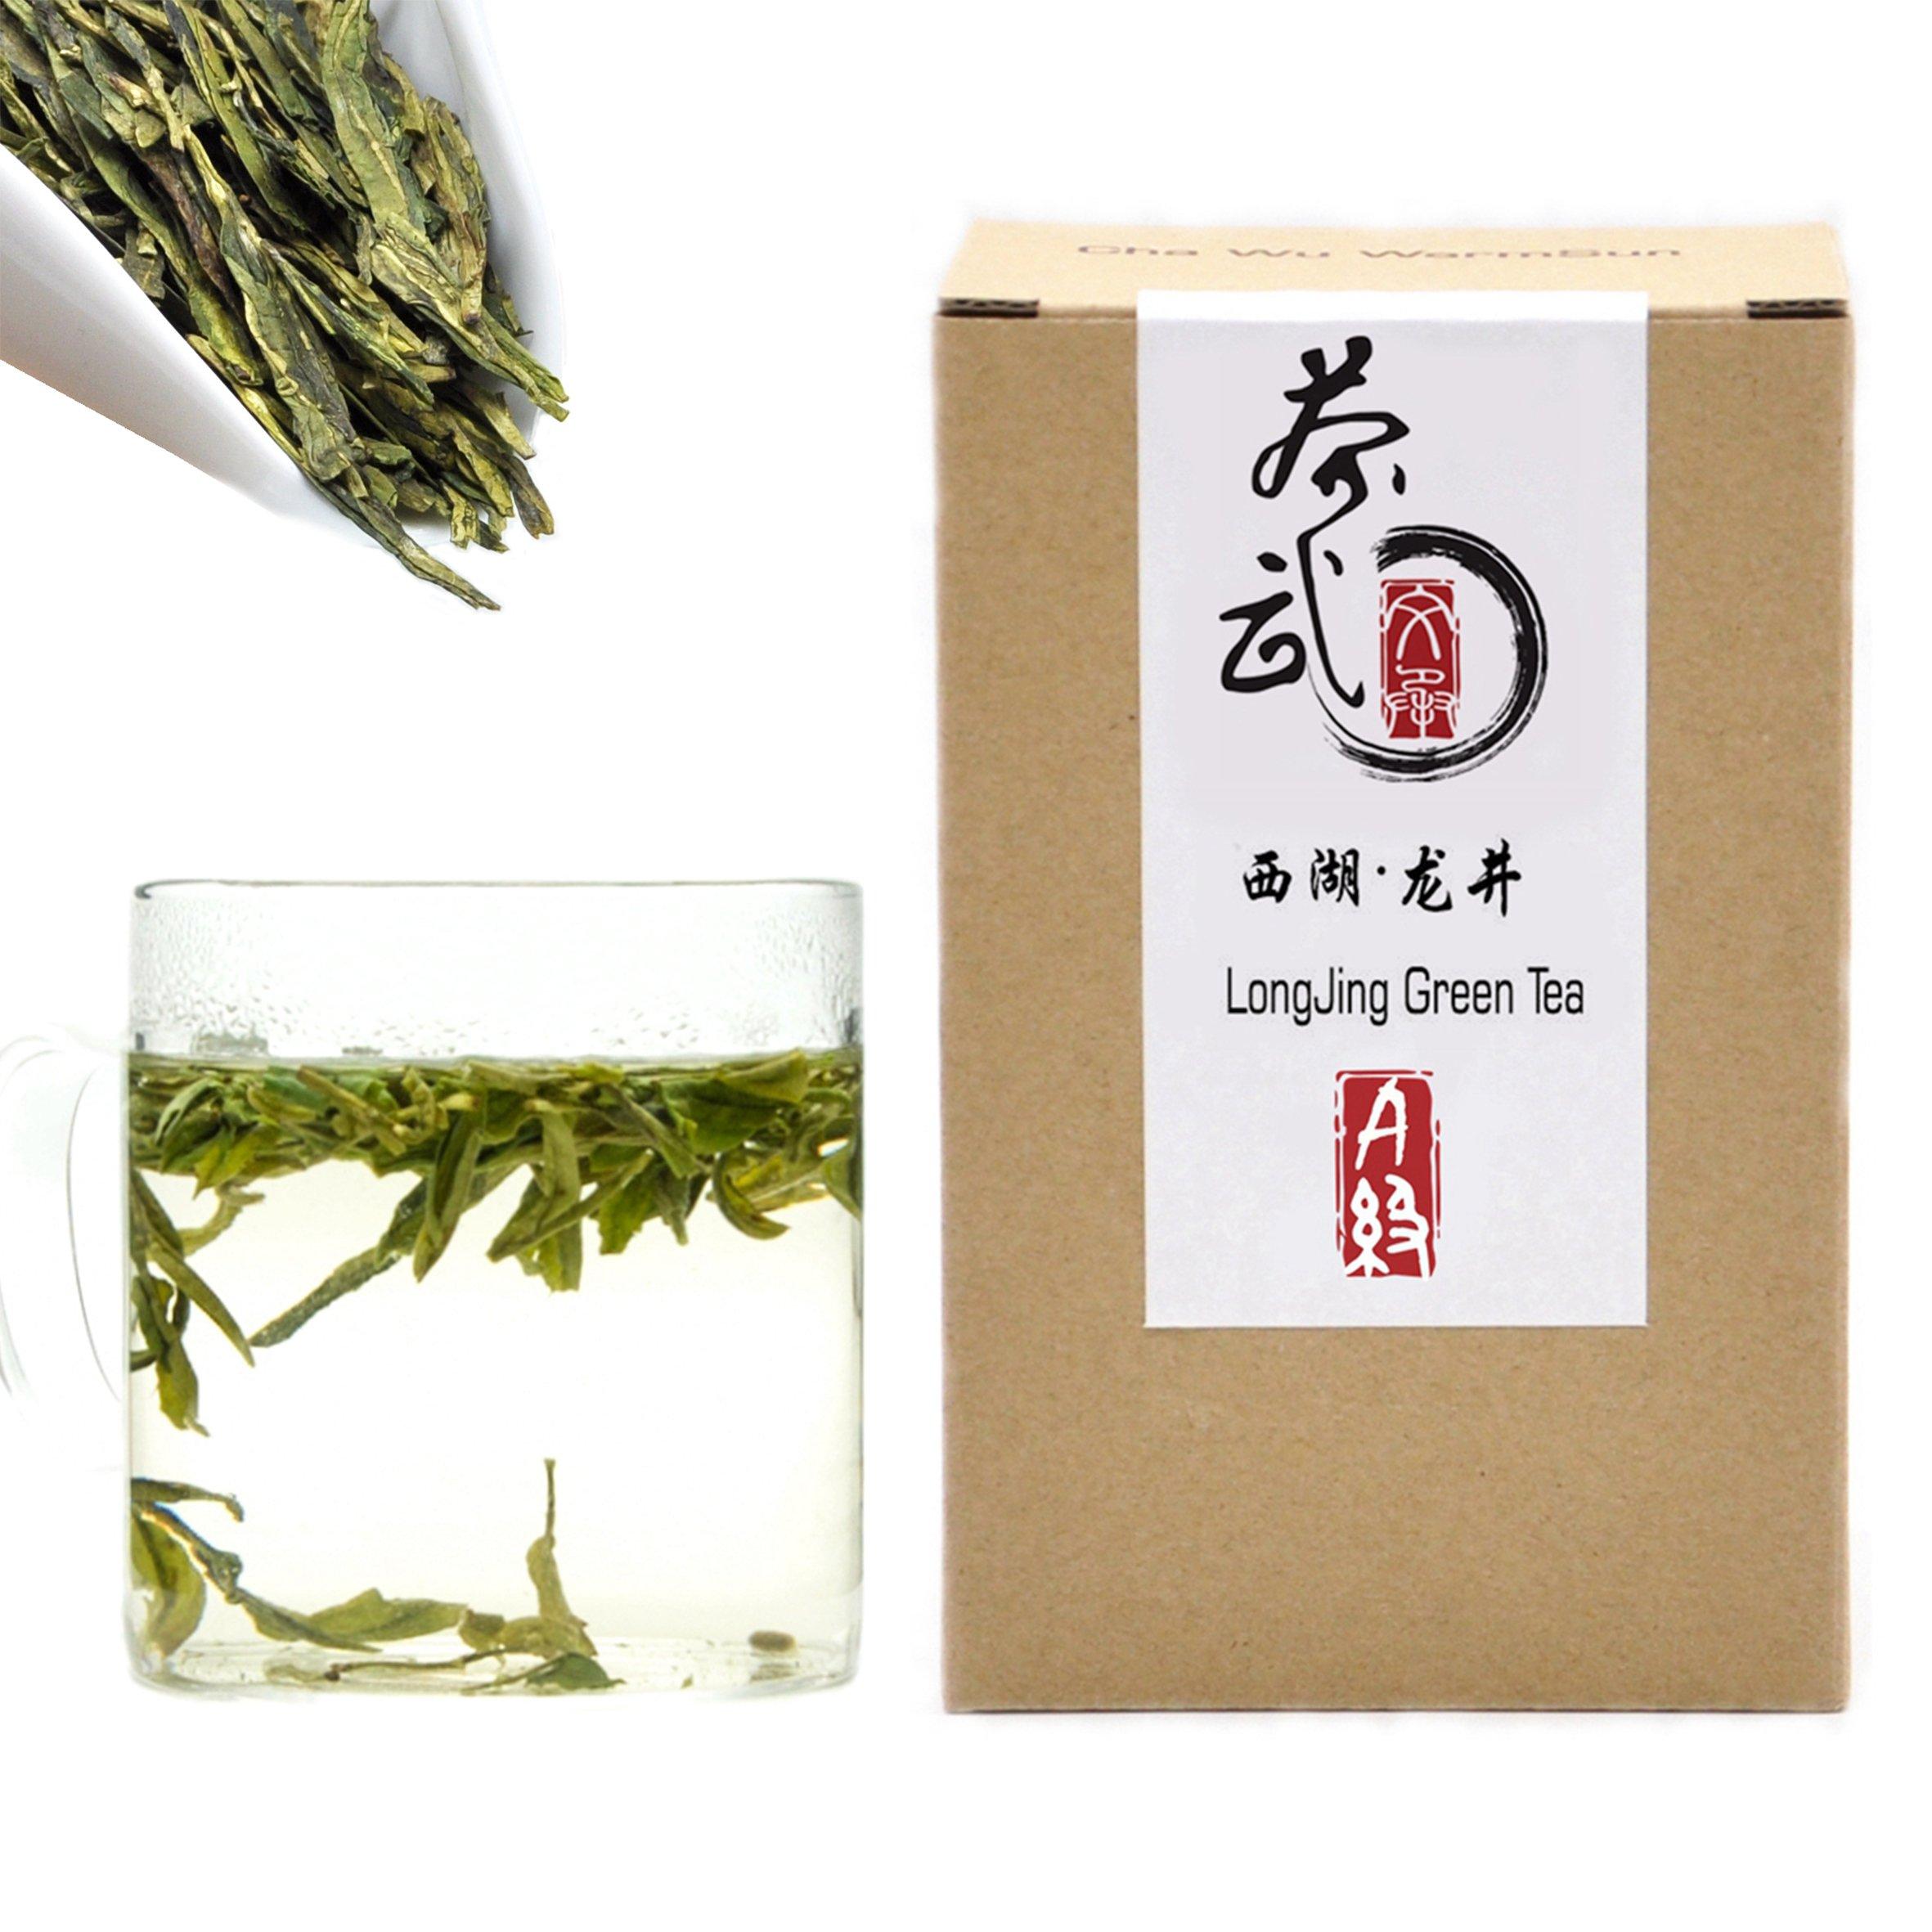 Cha Wu-[A] LongJing Green Tea,8.8oz/250g,Chinese Dragon Green Tea Loose Leaf